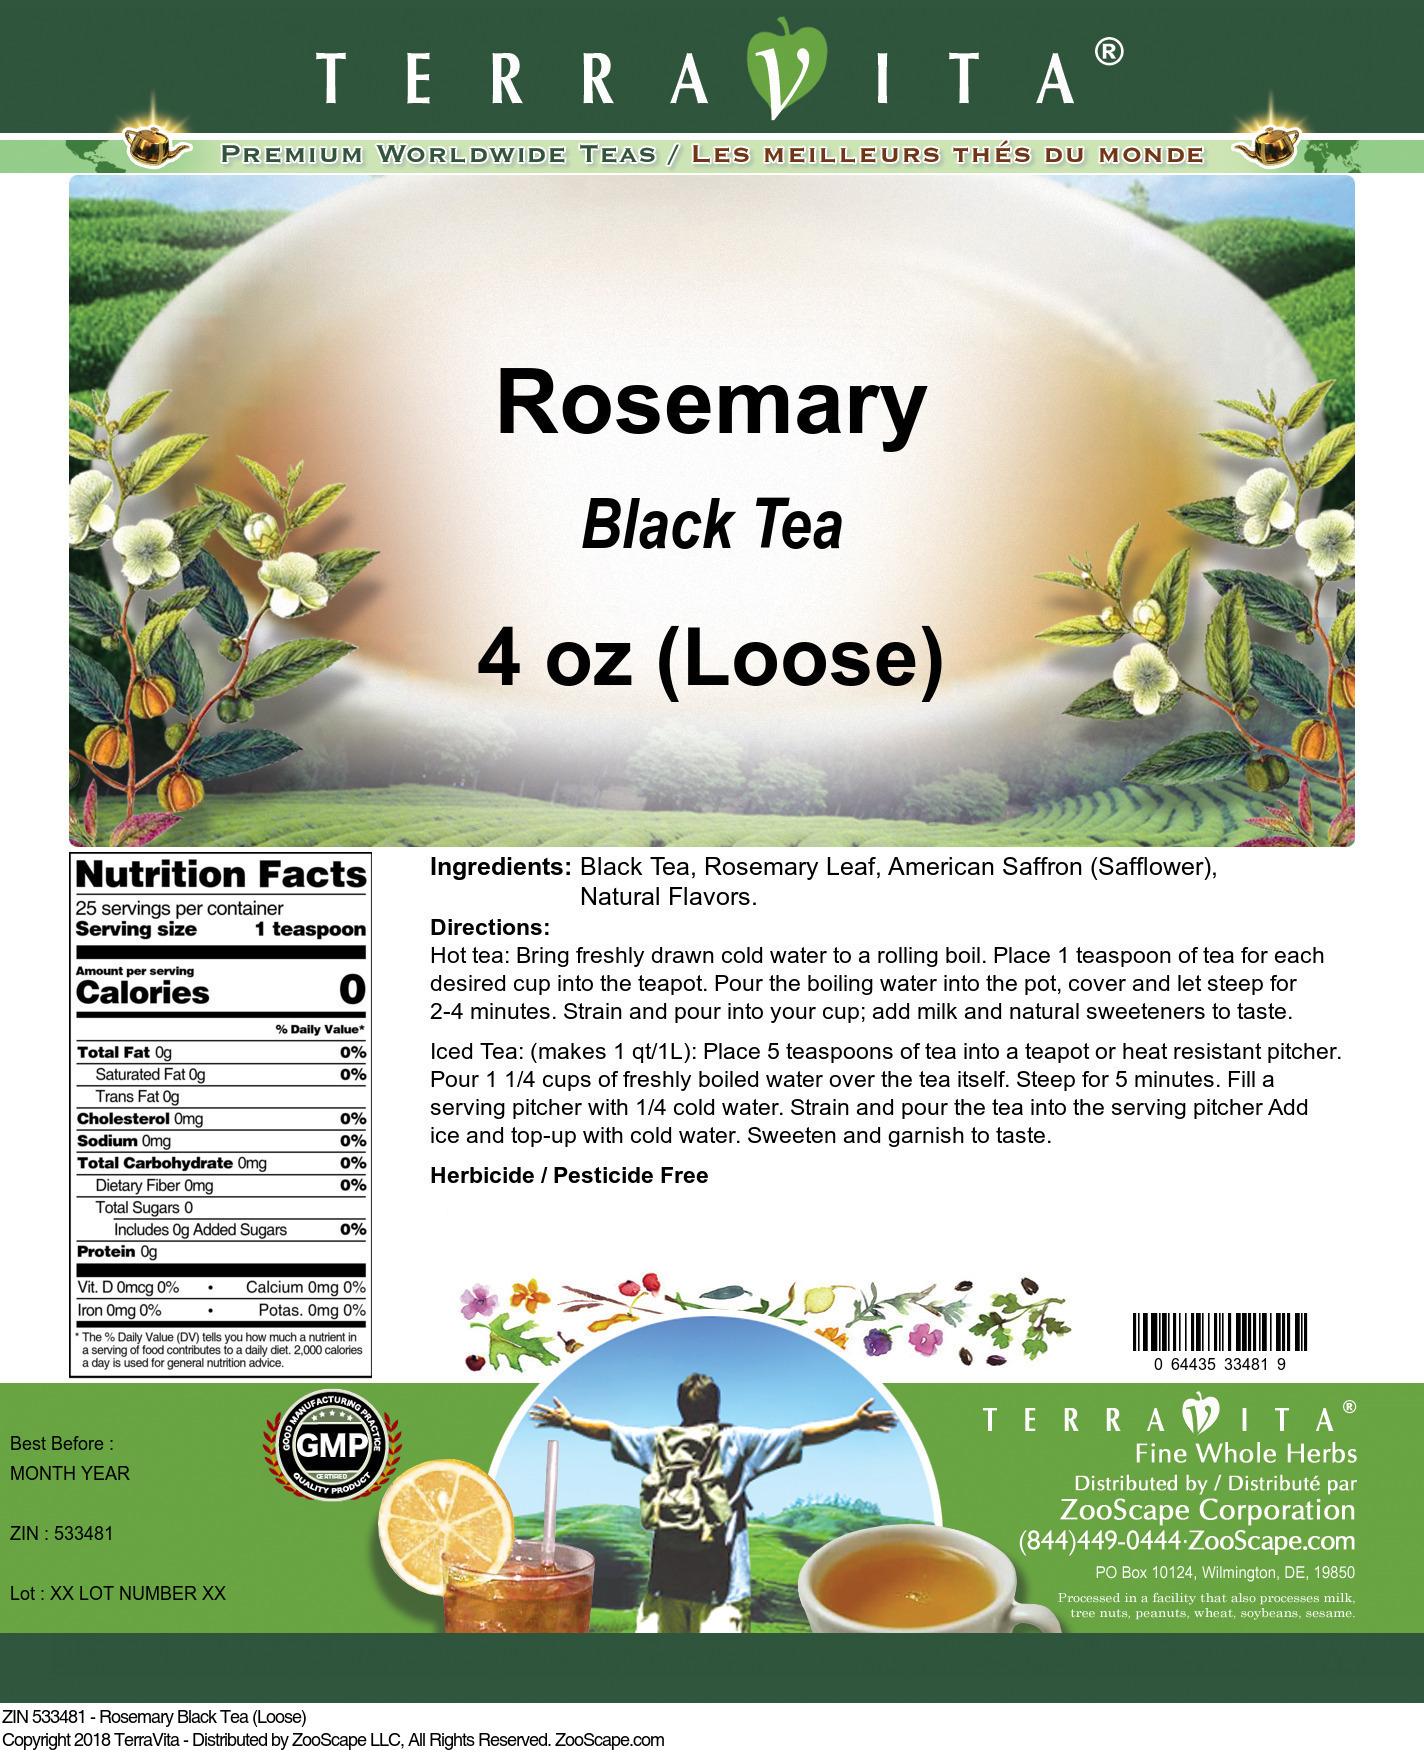 Rosemary Black Tea (Loose)